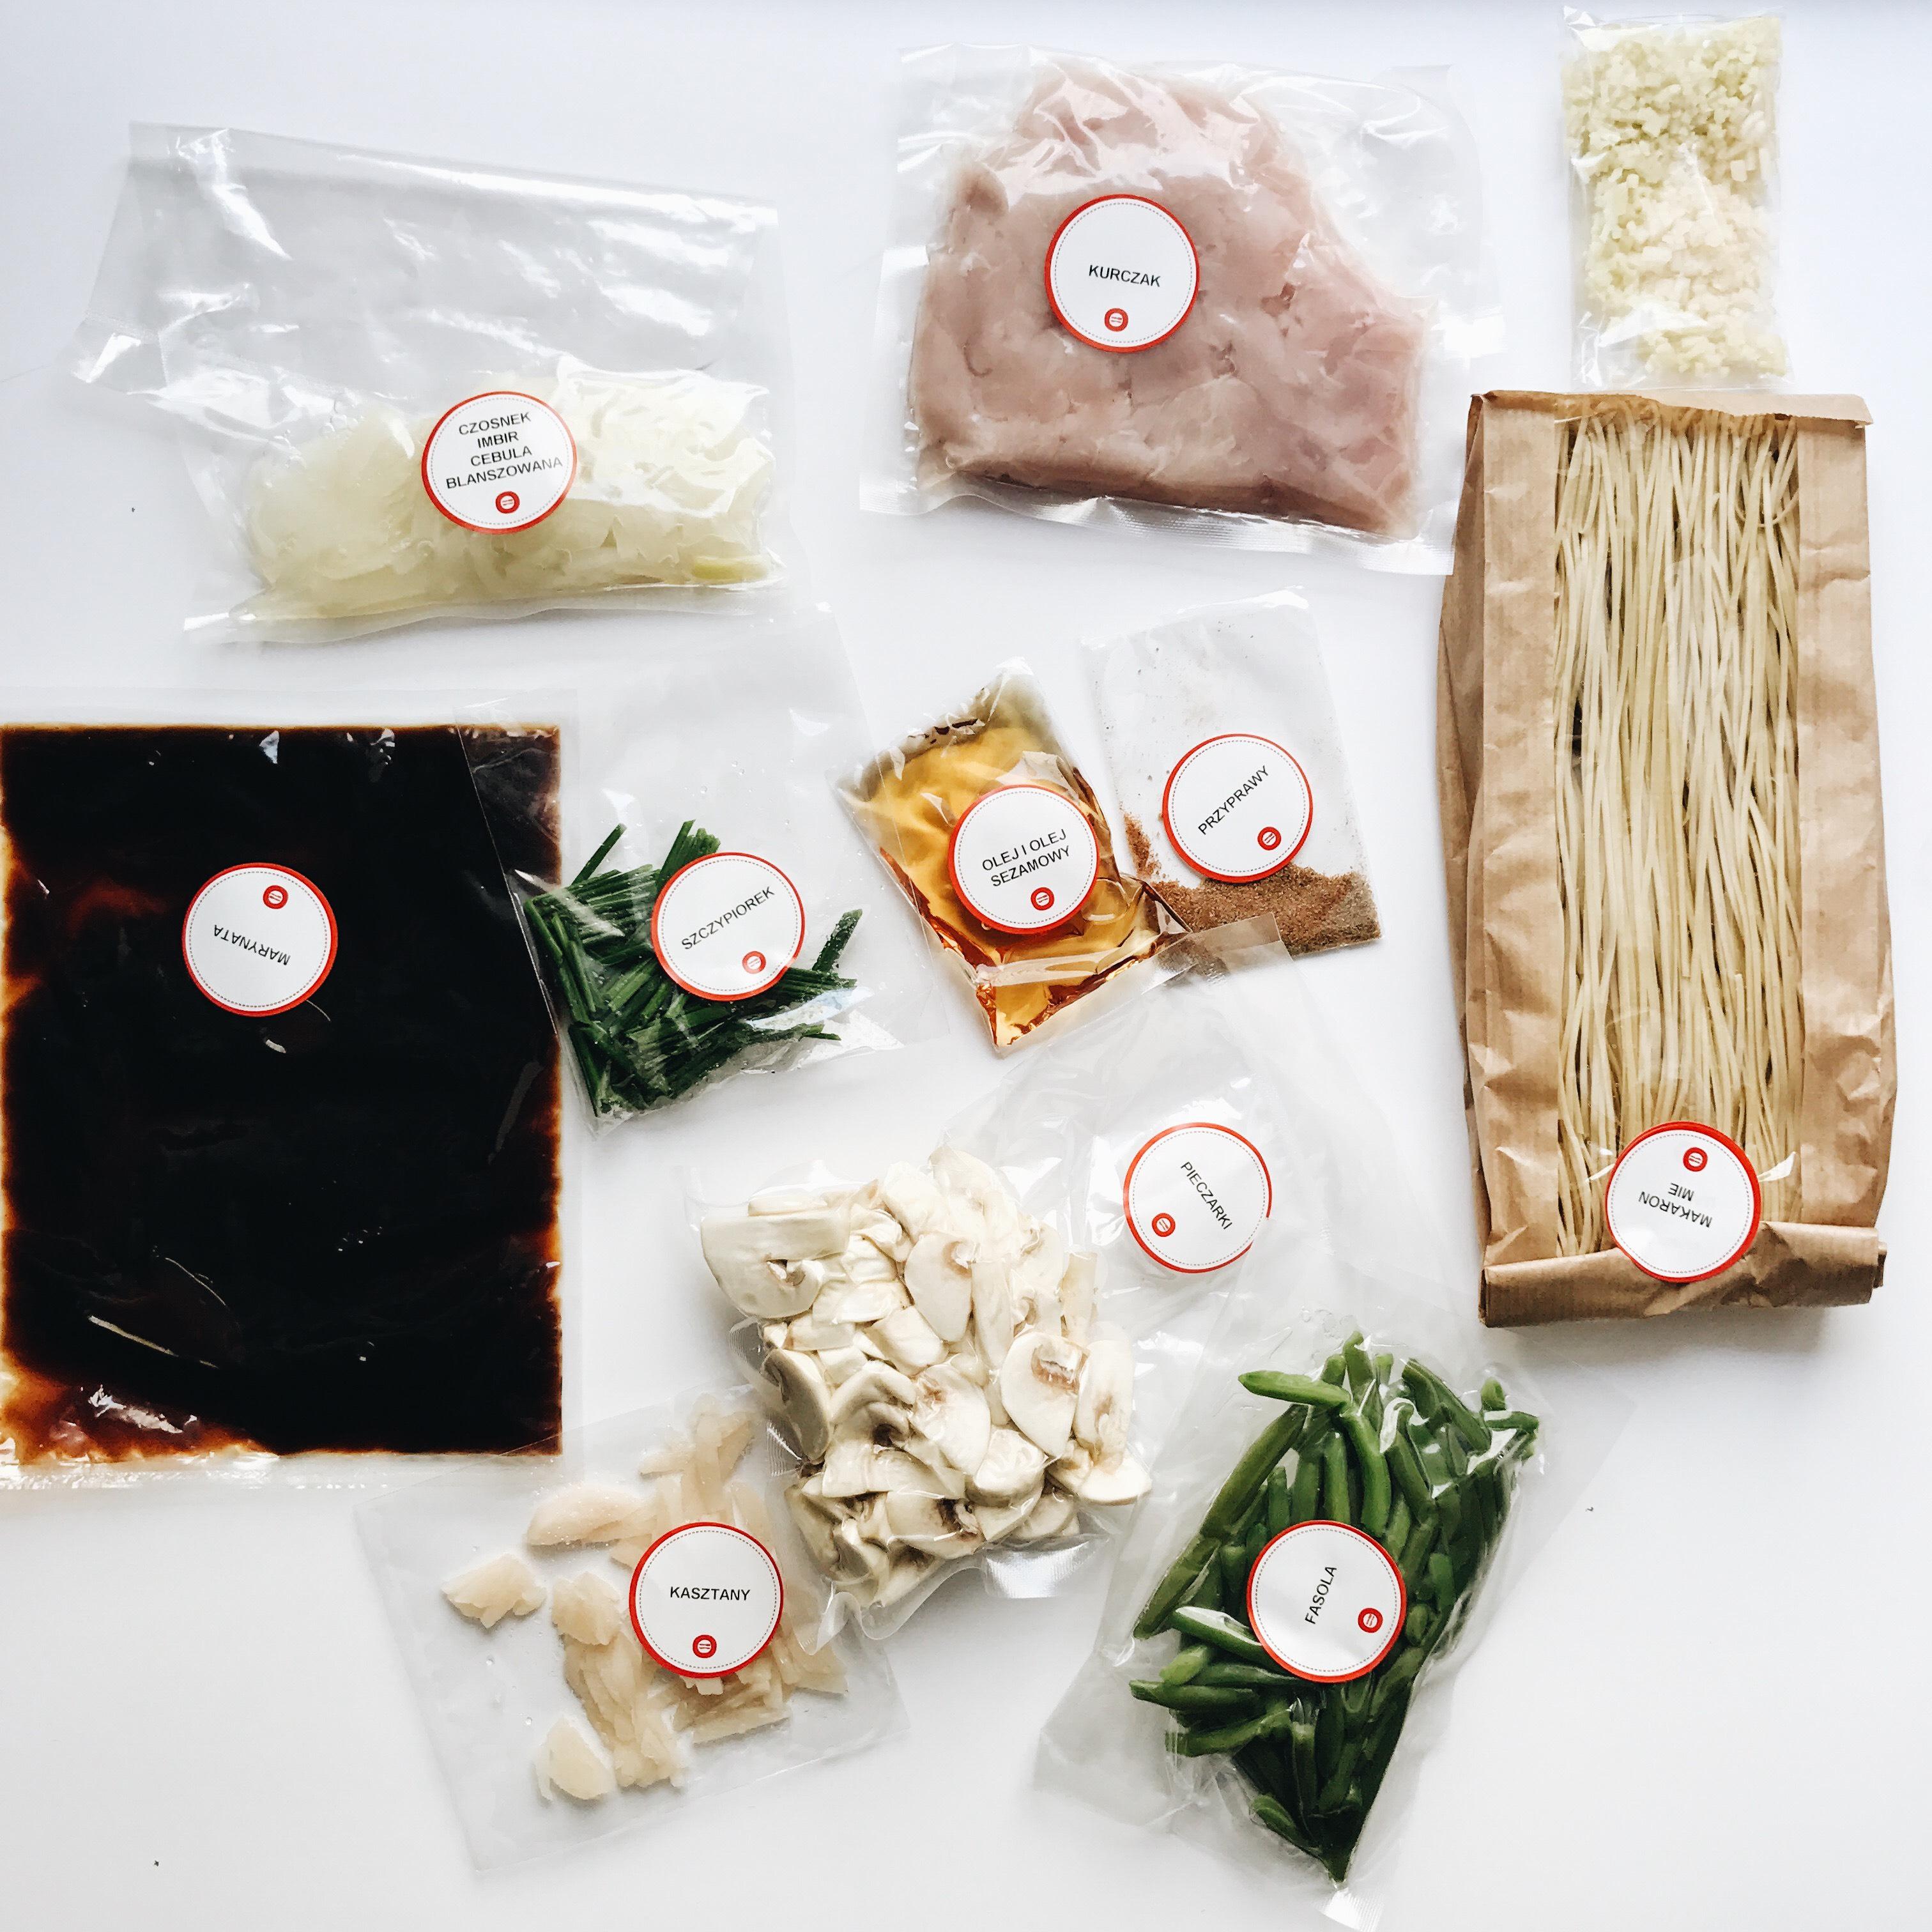 Bakmie Ayam - składniki